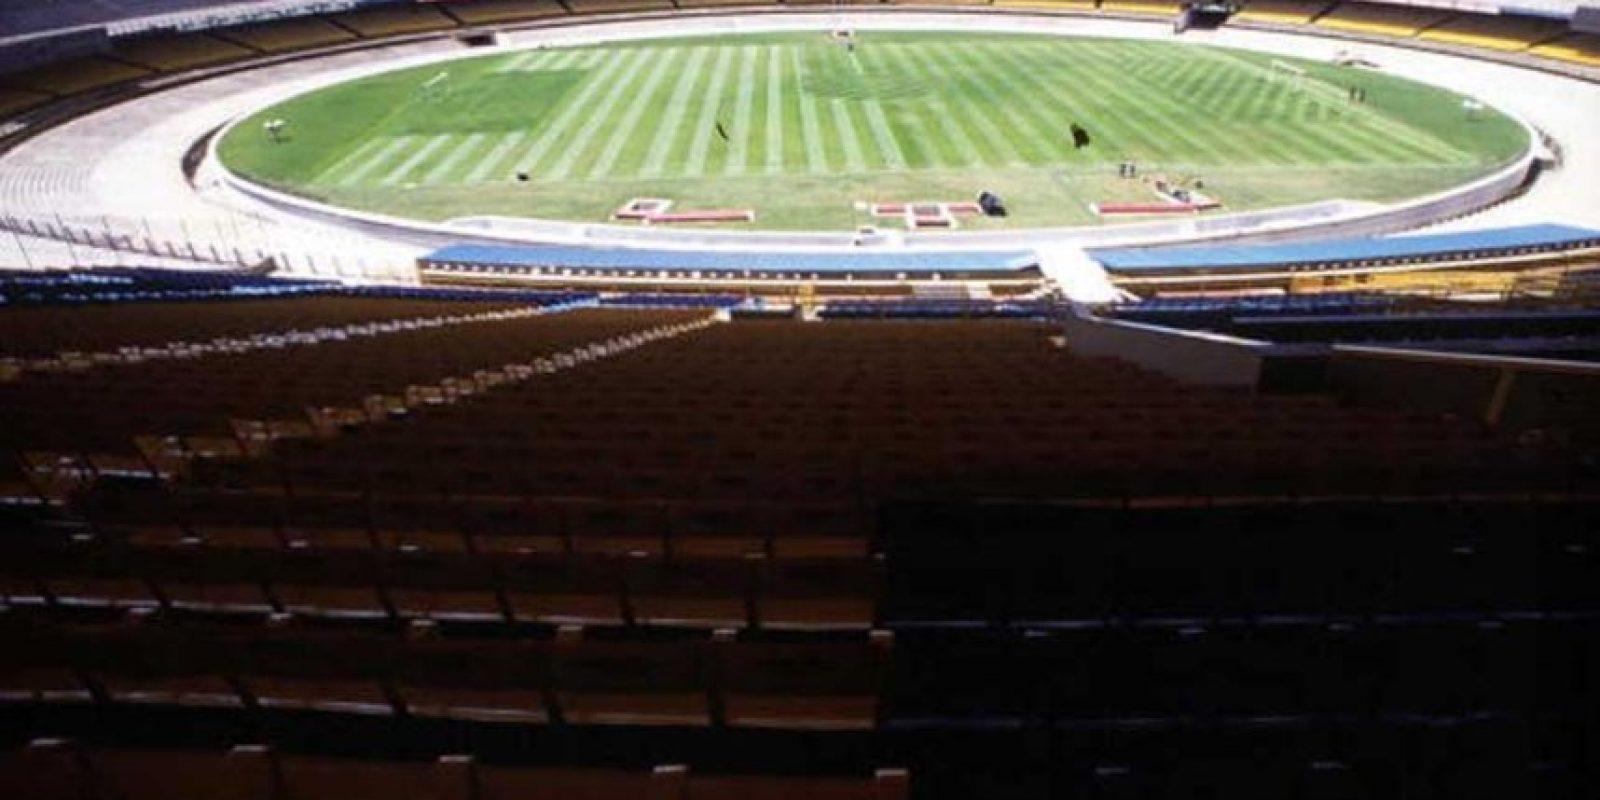 """Cuando """"La Roja"""" perdía 1-0, fue lanzada una bengala al terreno de juego y el arquero simuló haber sido herido por ella provocando el veto del estadio. La realidad fue que él mismo se cortó la ceja por lo que fue suspendido de por vida. Foto:Getty Images"""